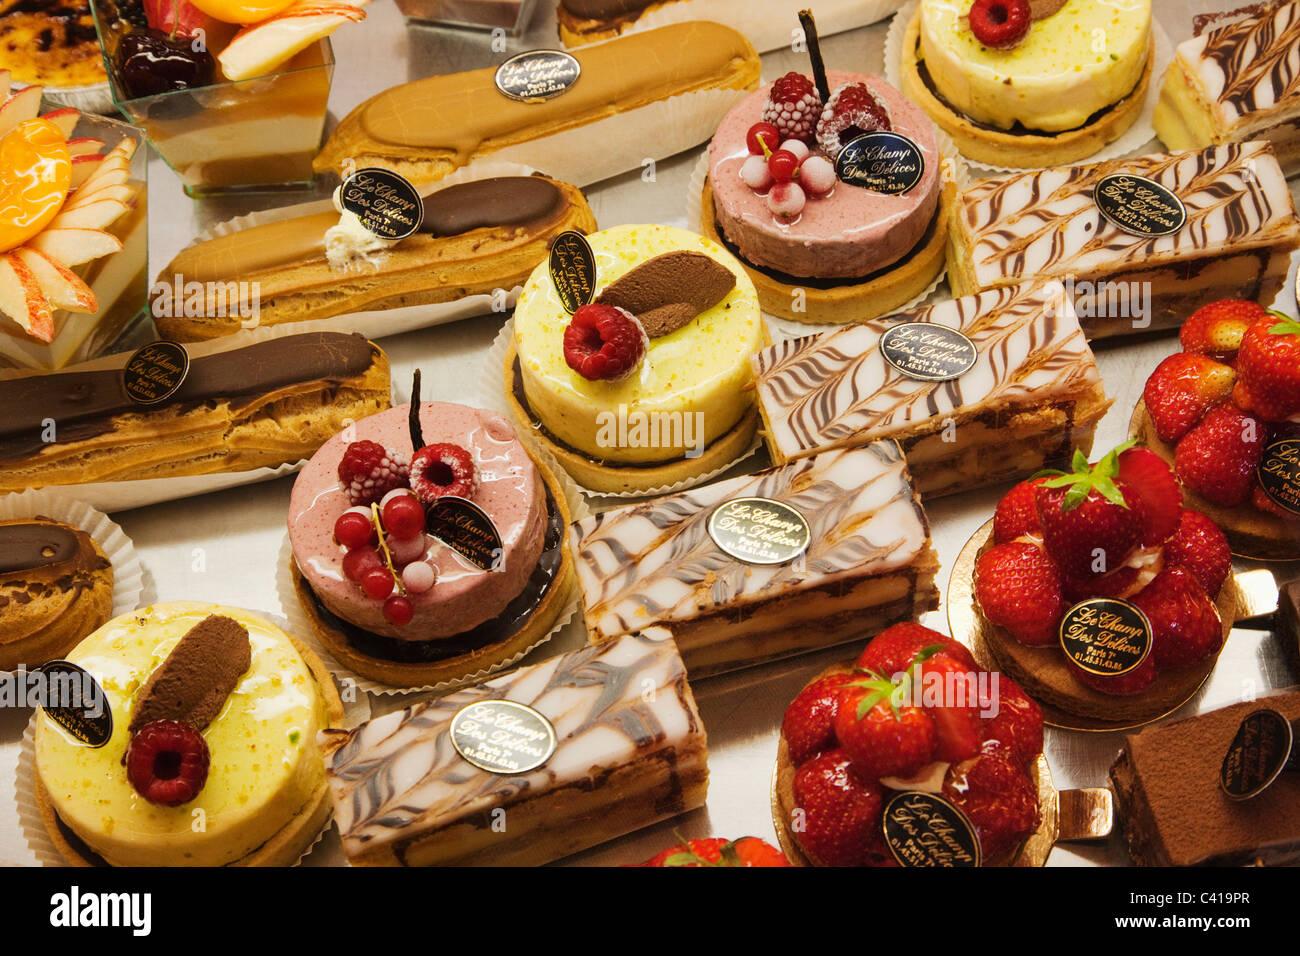 Europe, France, Paris, de viennoiseries, pâtisseries, pâtisseries, French food, parisien